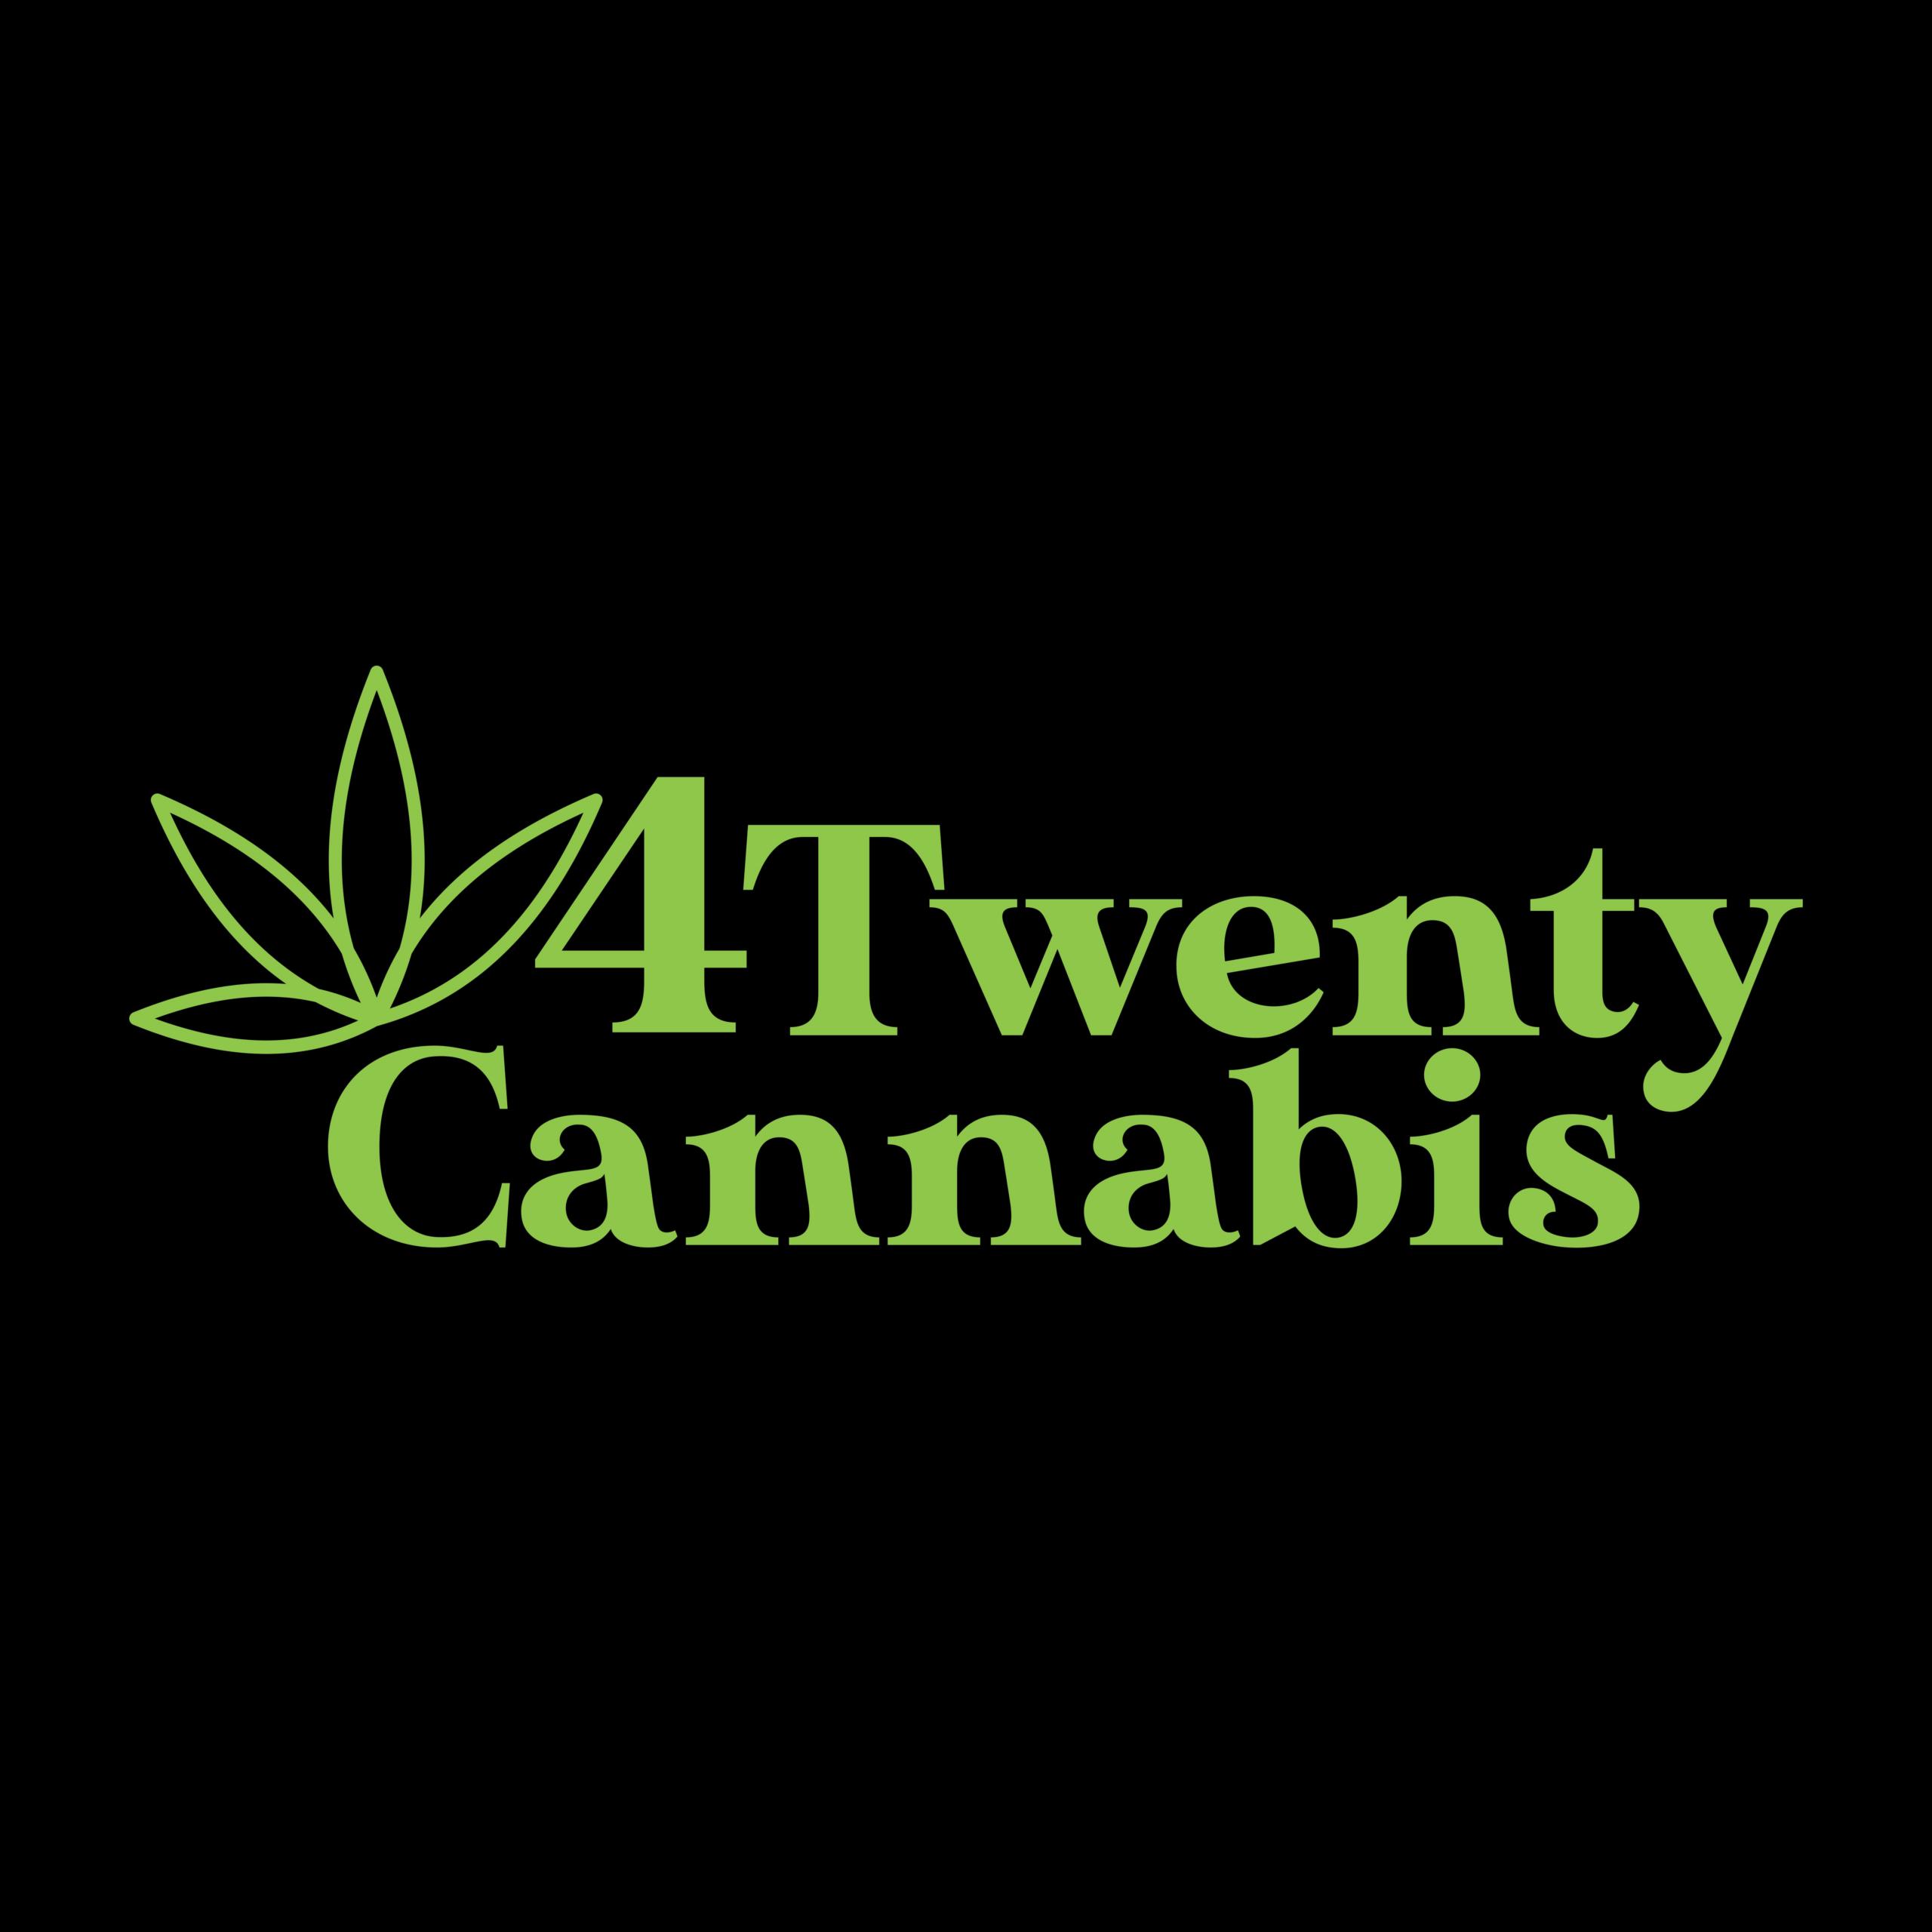 4Twenty Cannabis